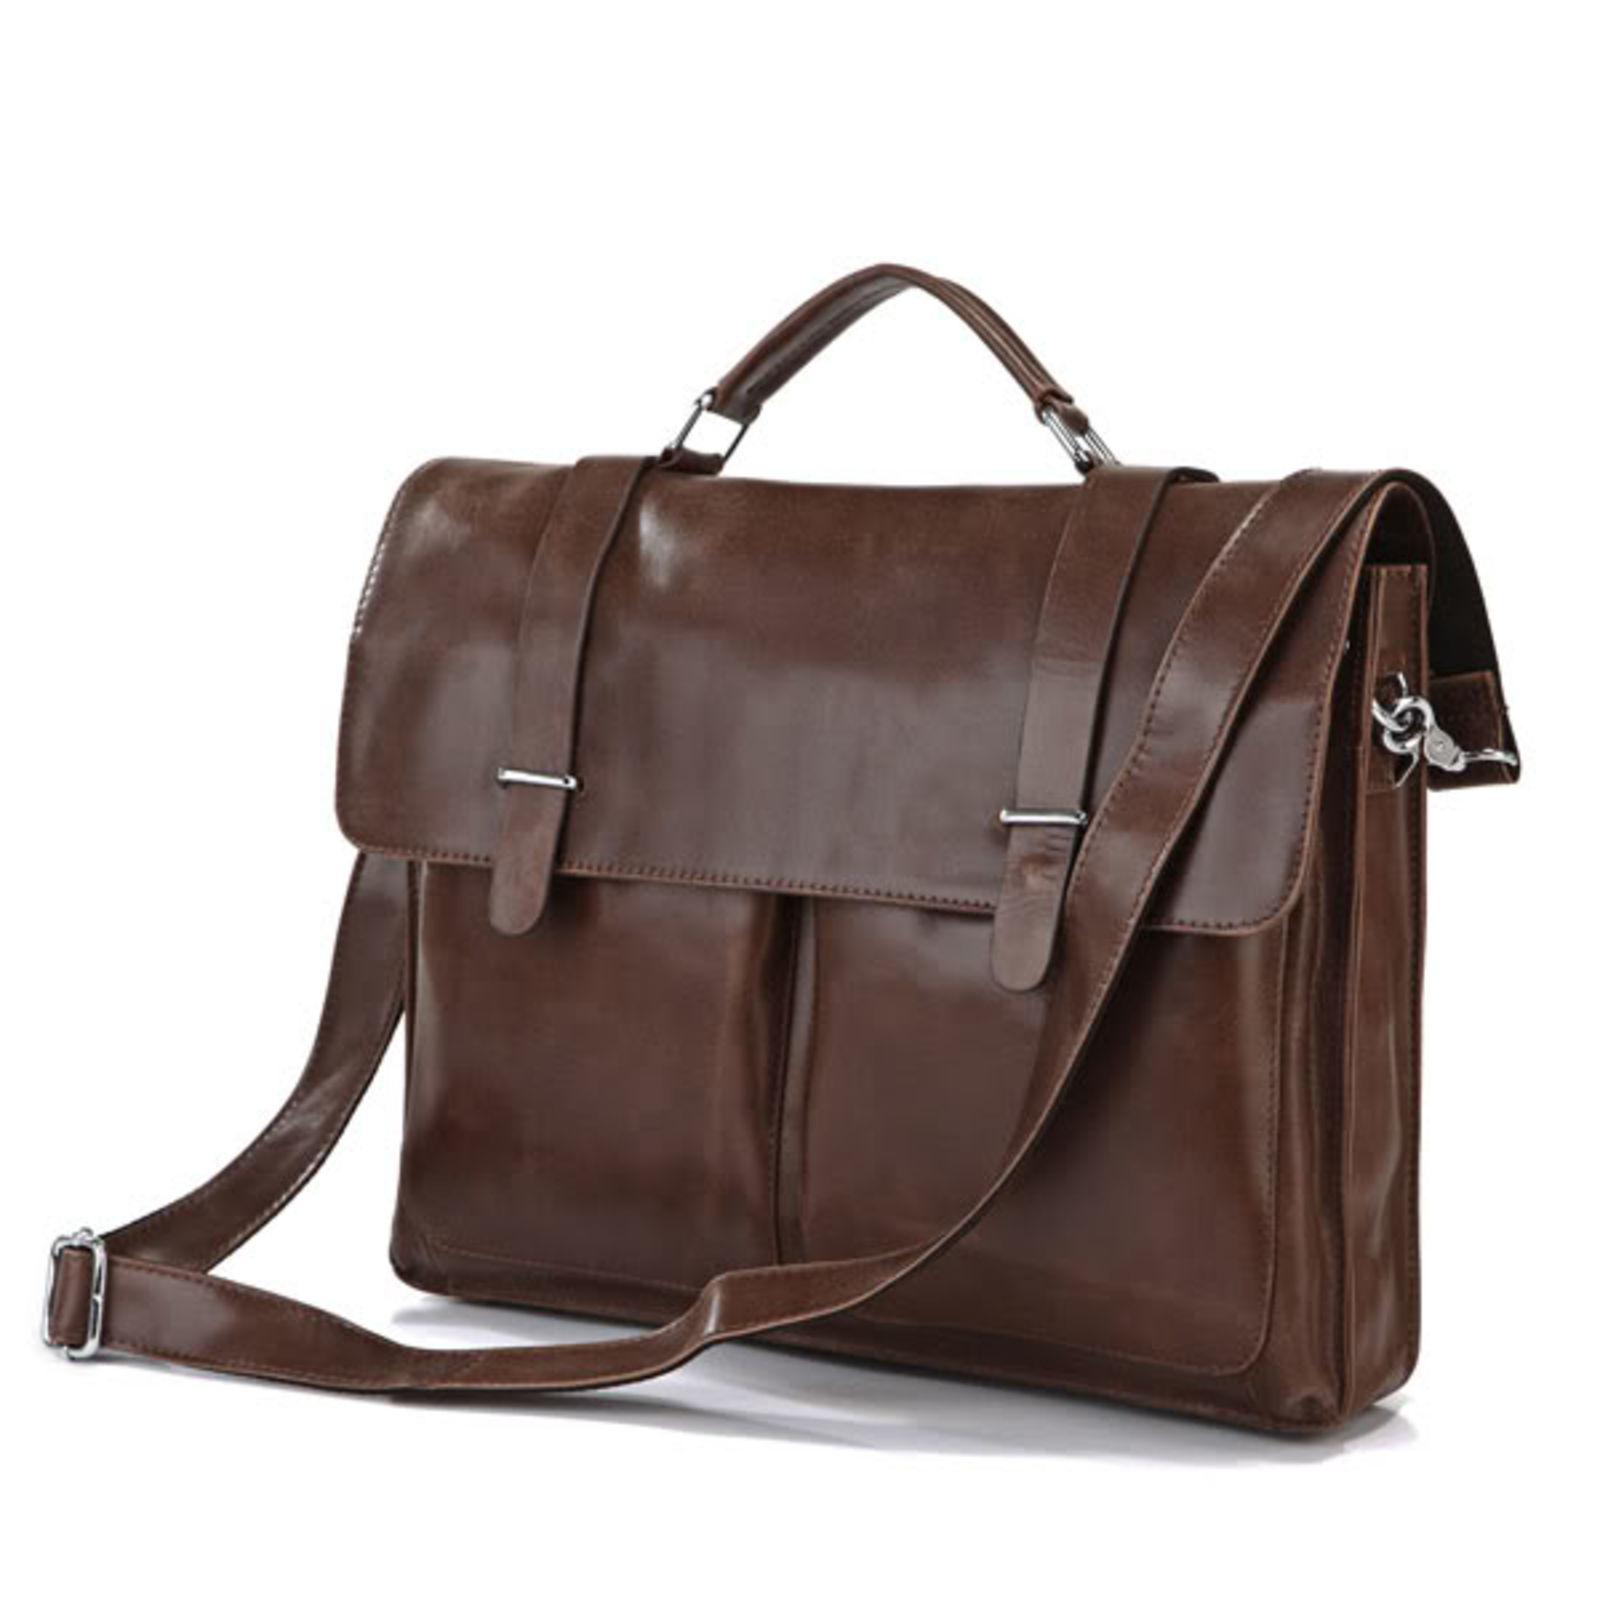 Delton Bags Sac en cuir marron vintage